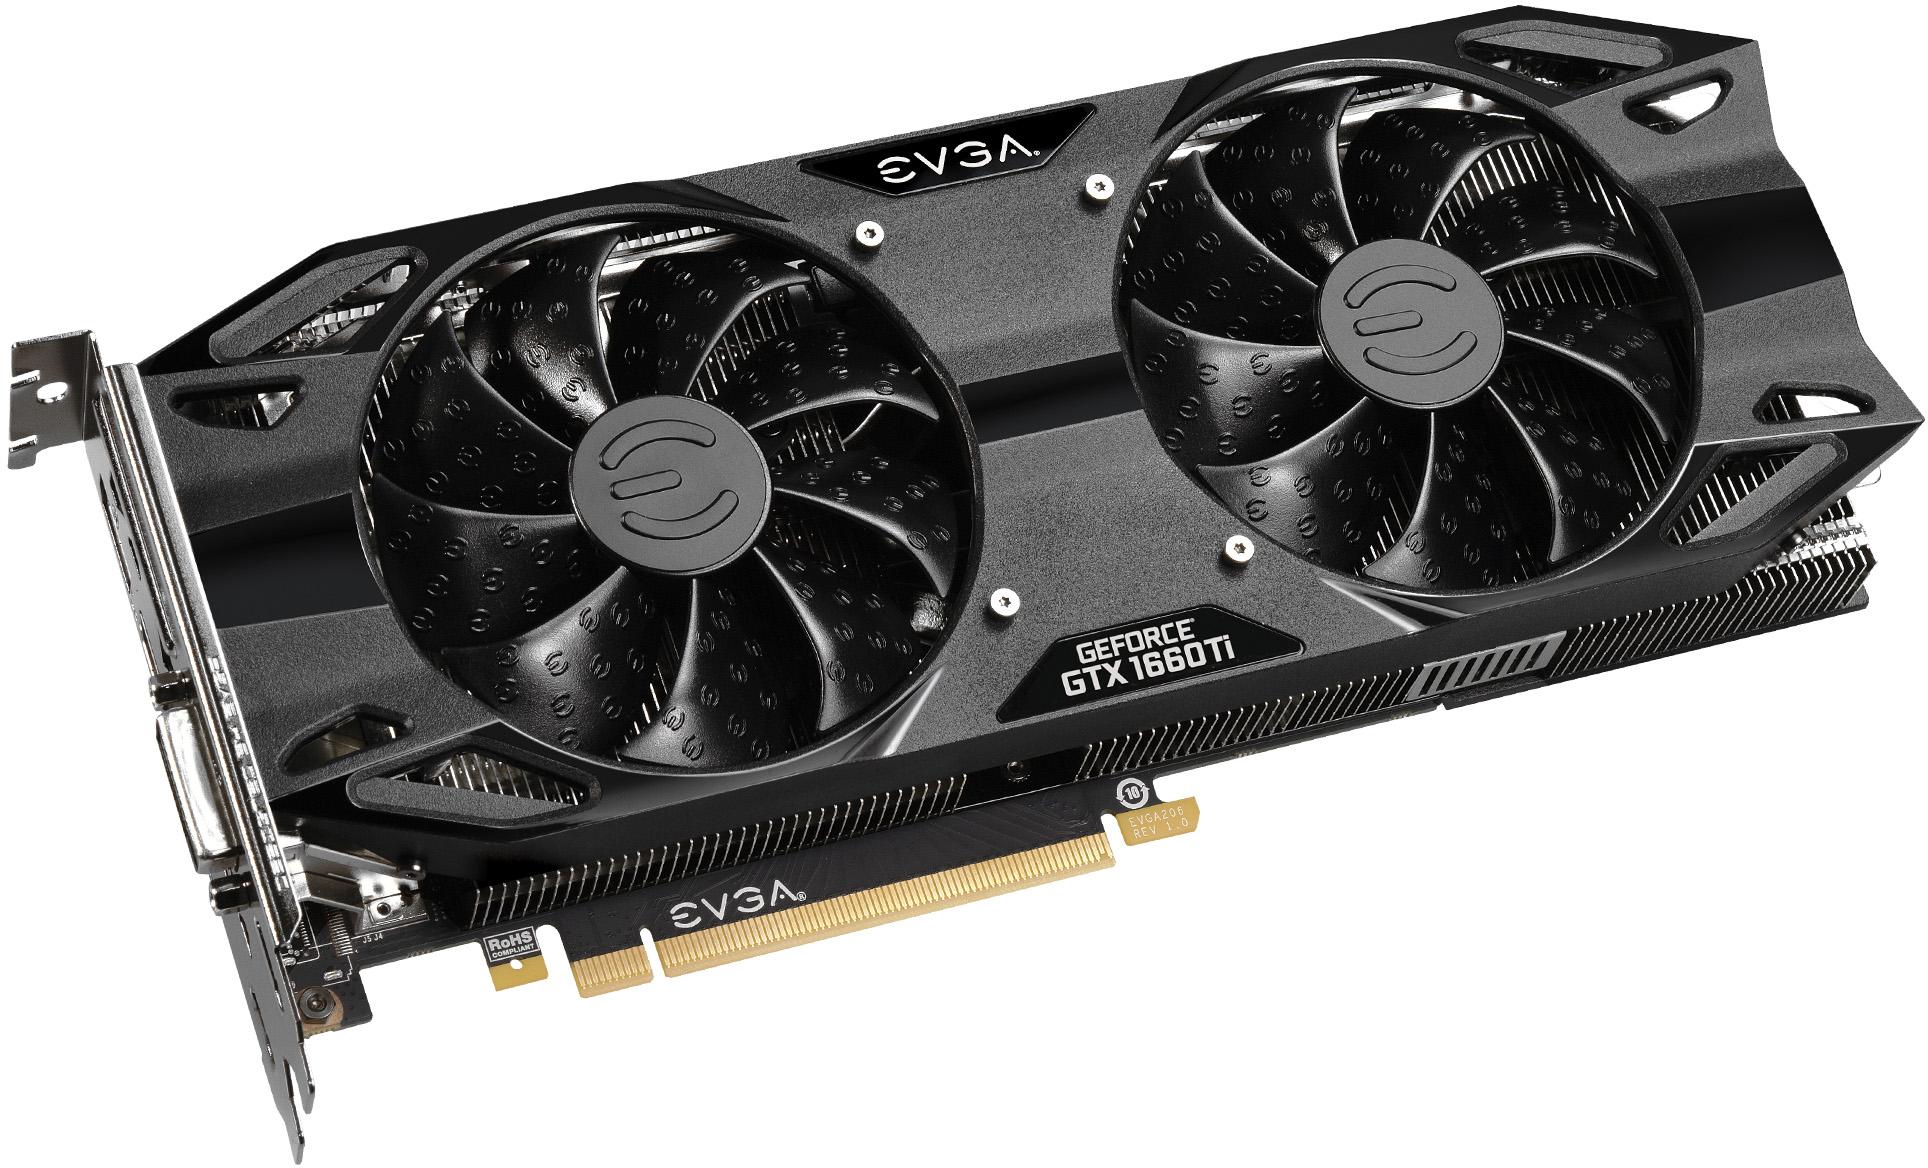 EVGA GeForce GTX 1660 Ti Xc Ultra Gaming 1080p & 1440p Gaming